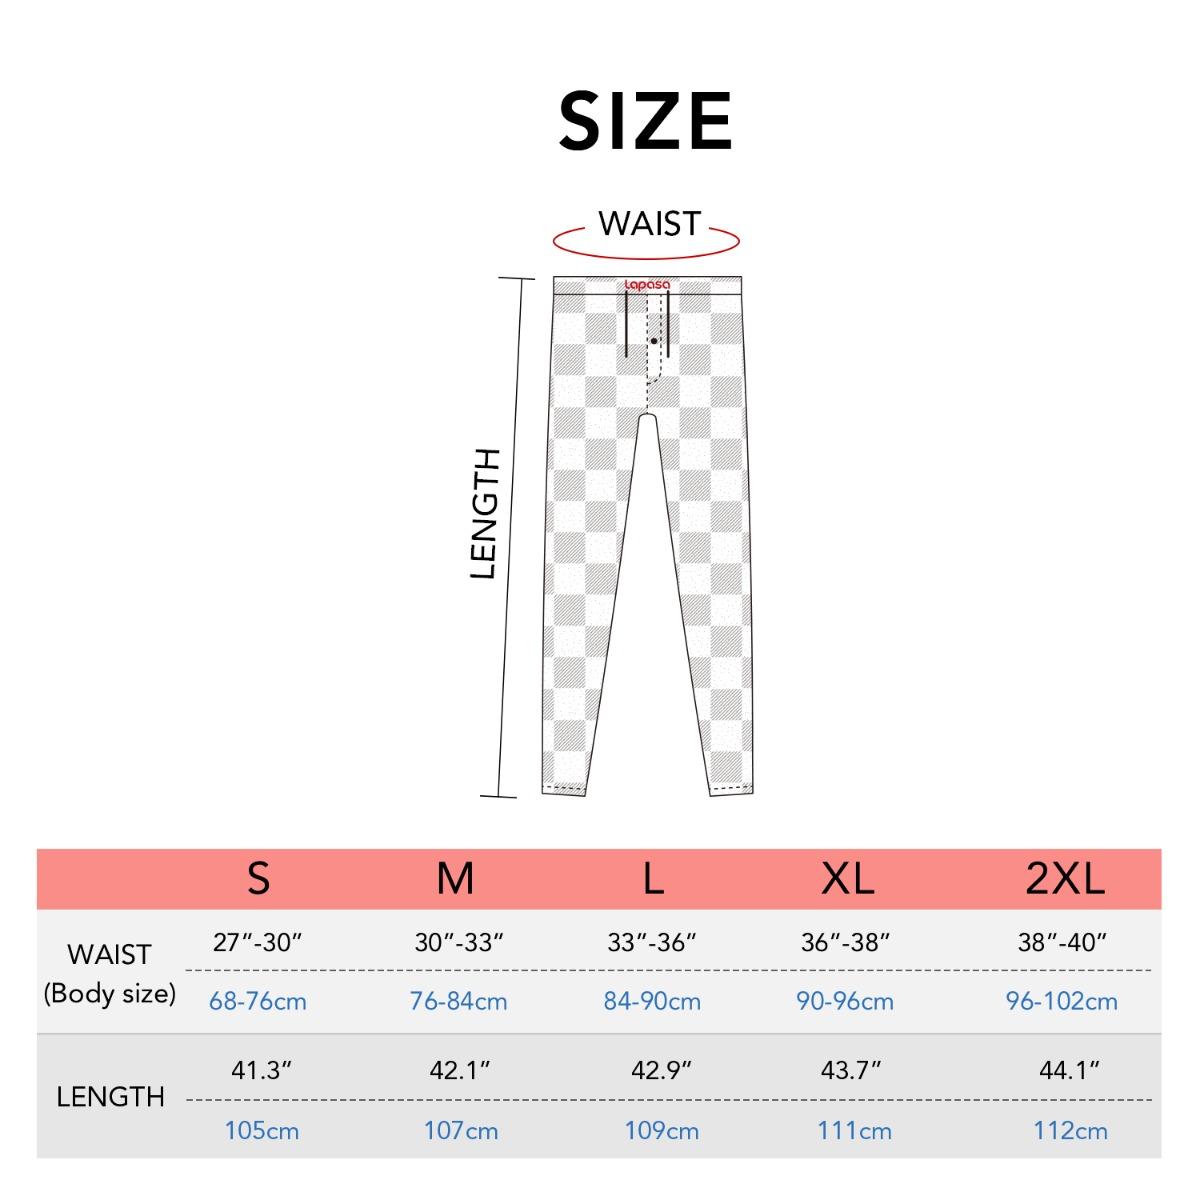 M39 size chart